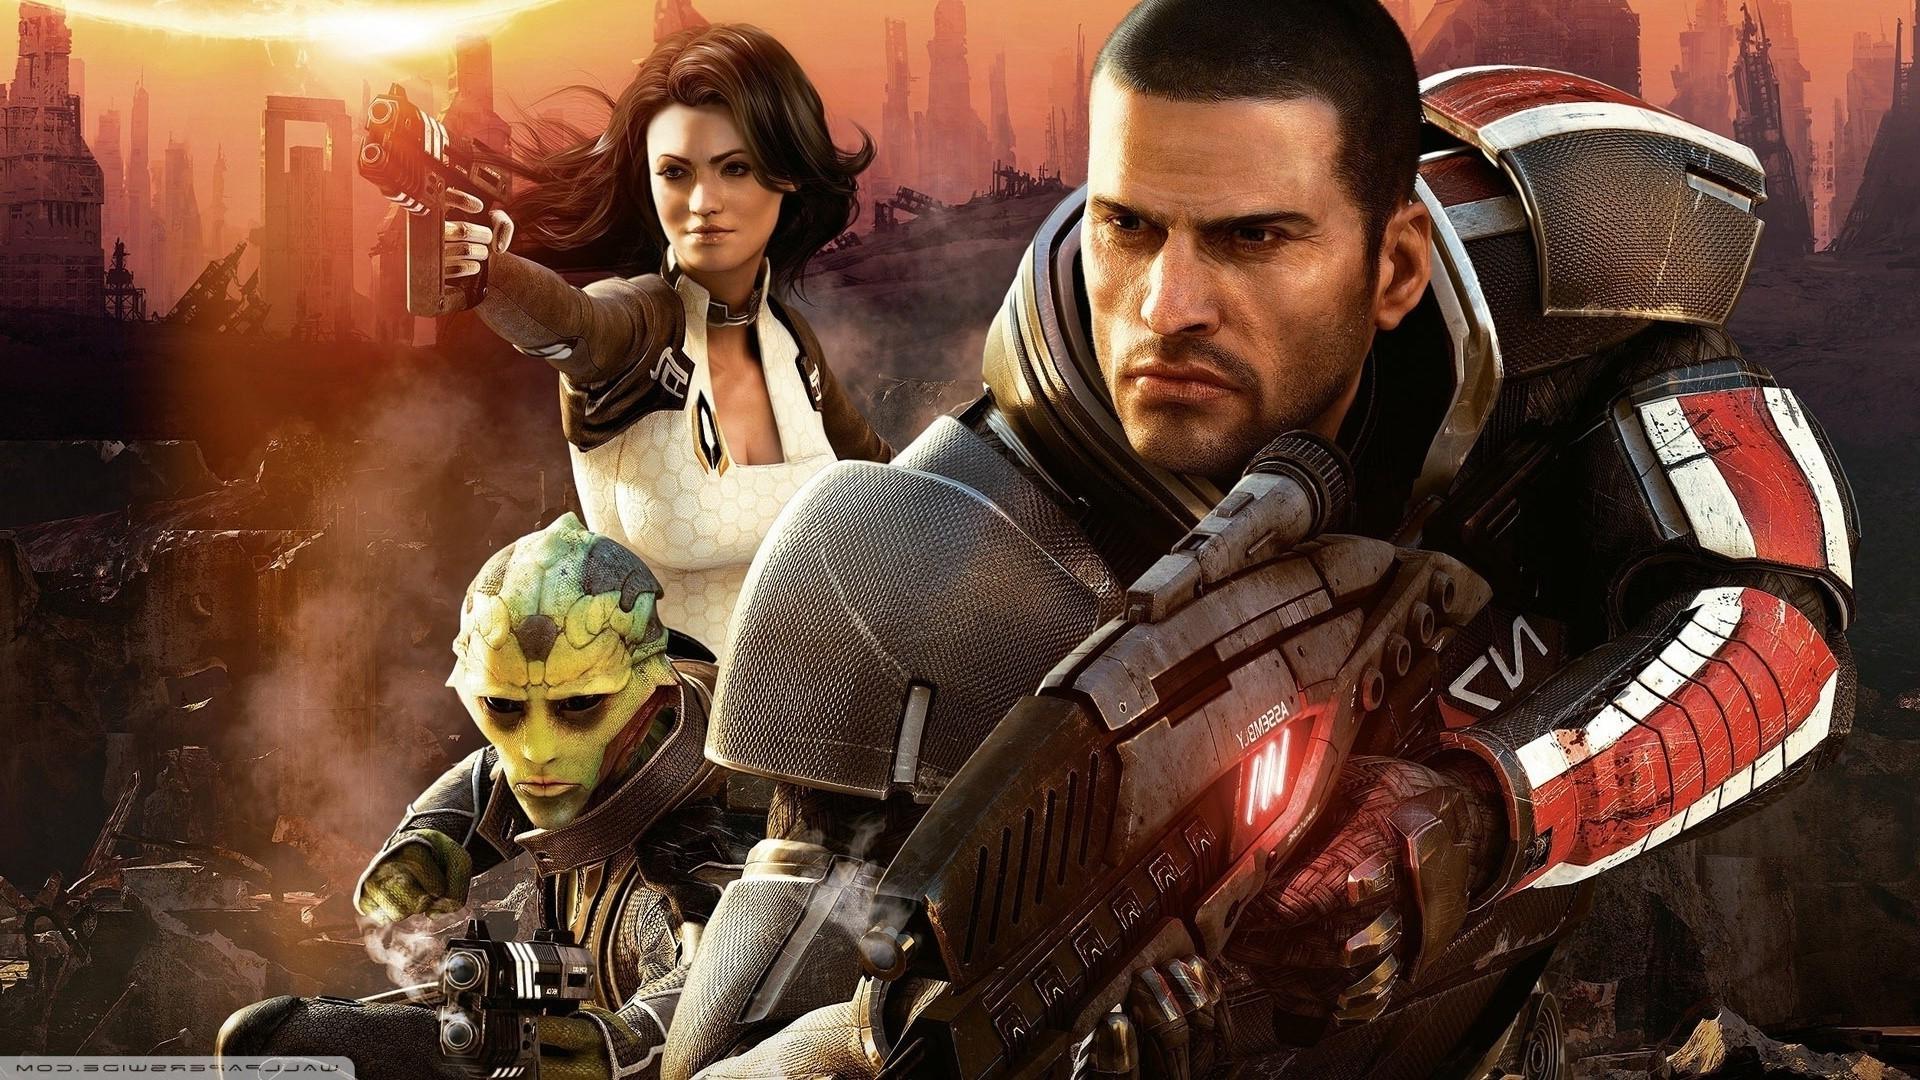 Mass Effect, Video Games, Mass Effect 2 Wallpapers HD ...